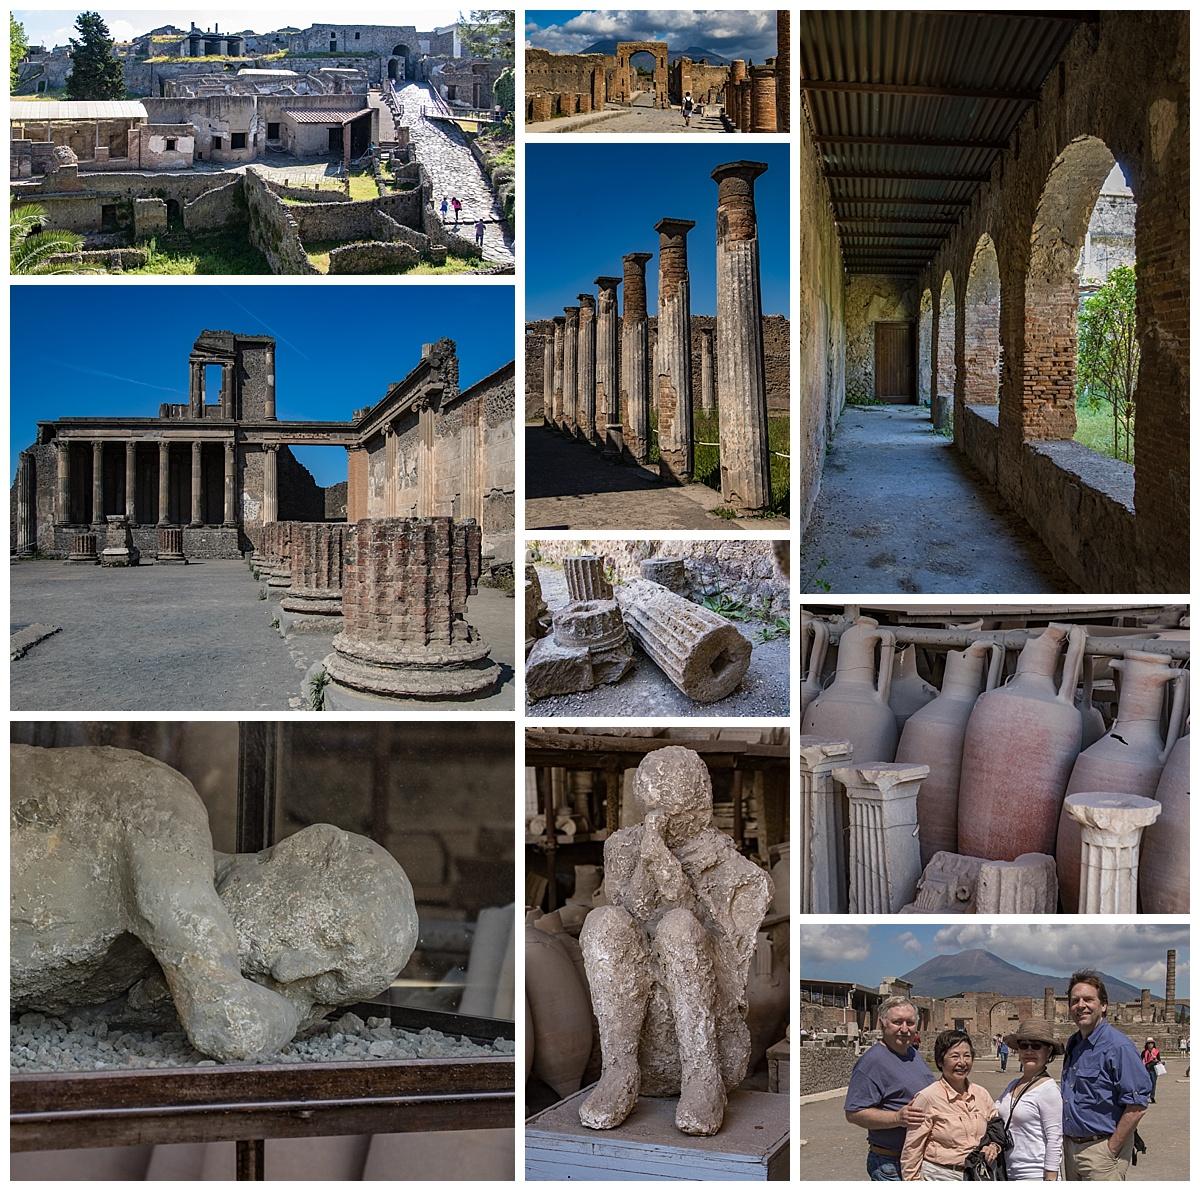 Pompeii, Italy - city